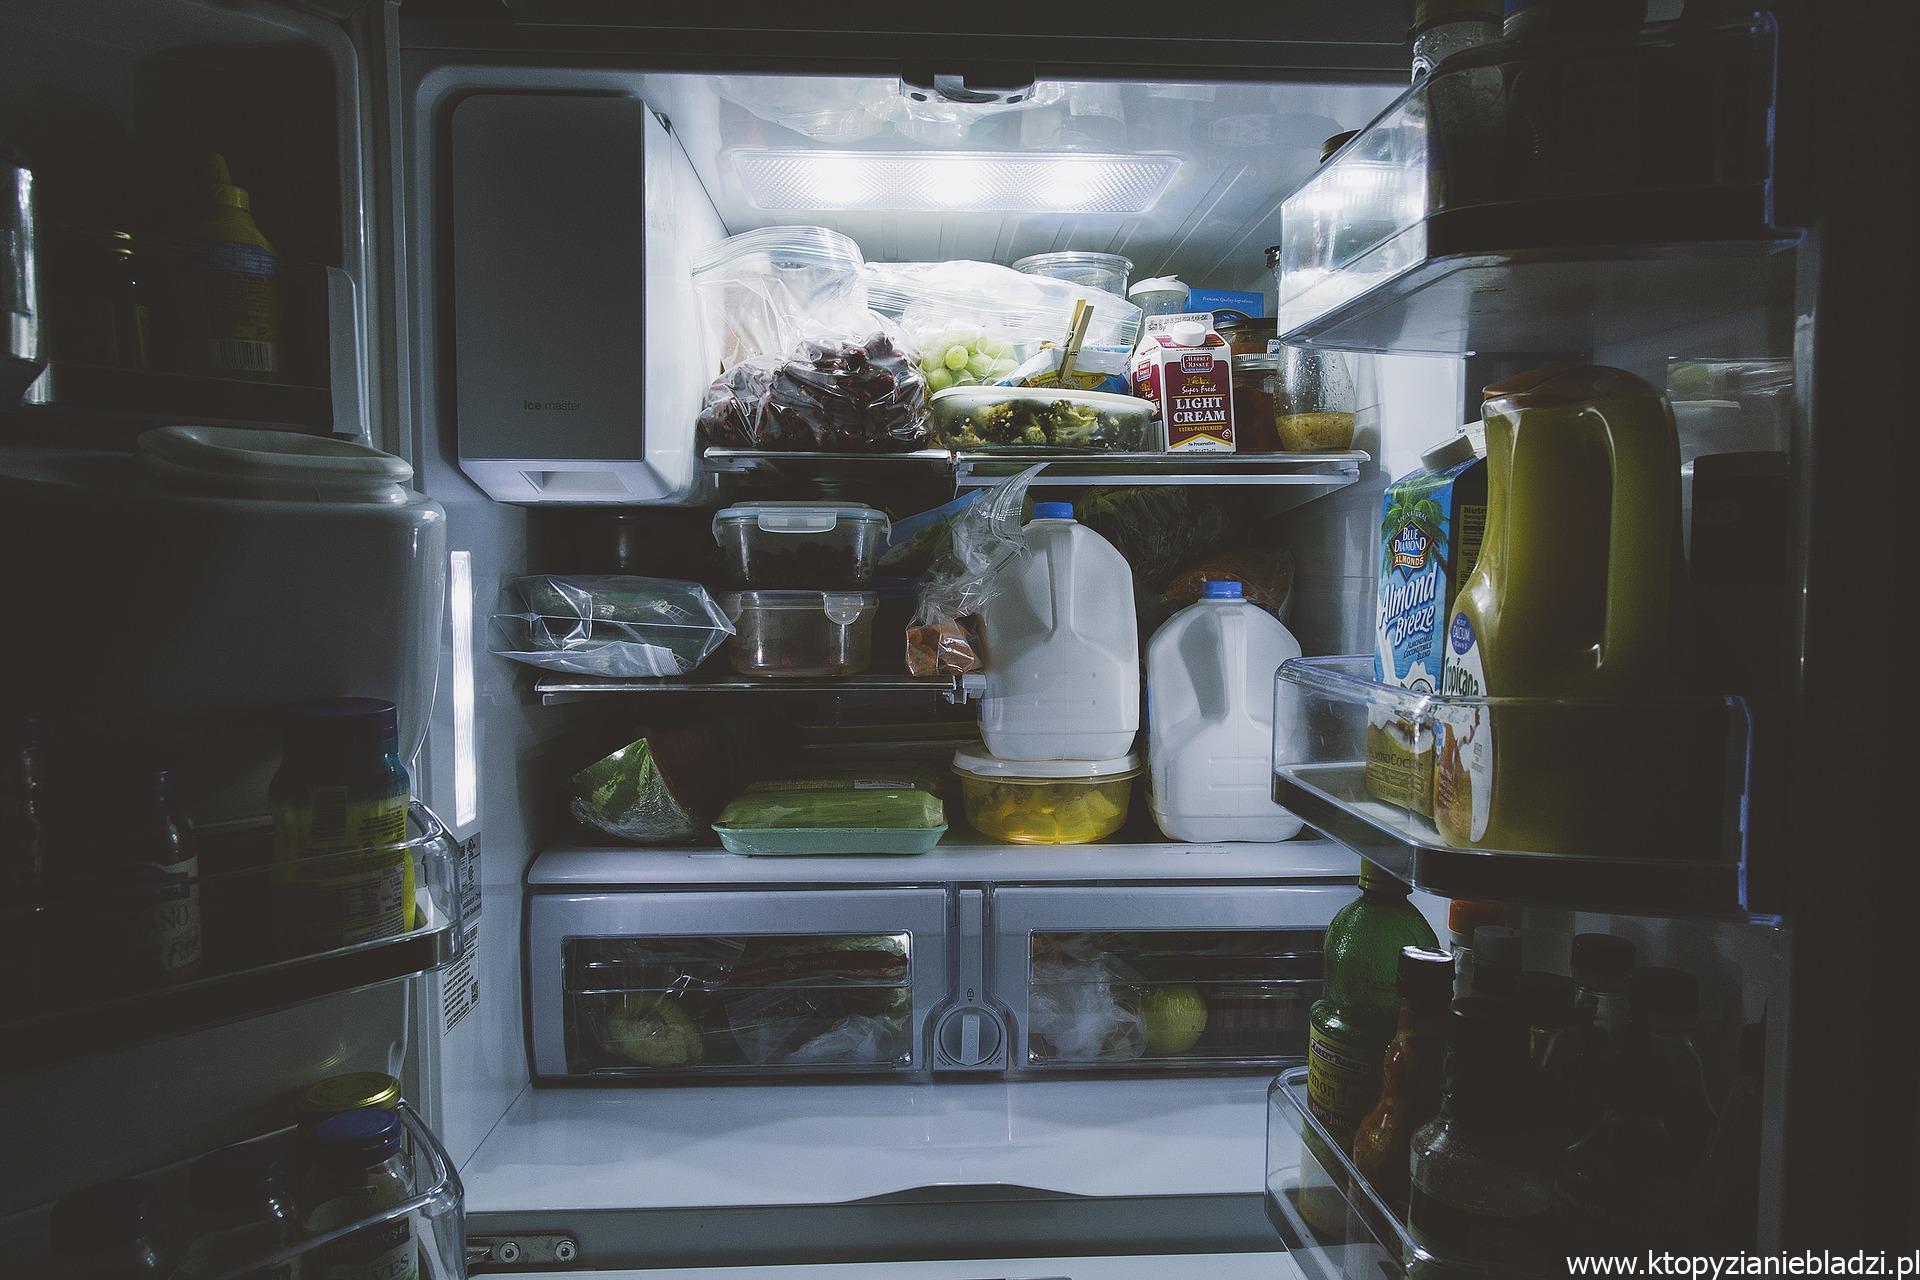 W jakiej temperaturze przechowywać żywność?